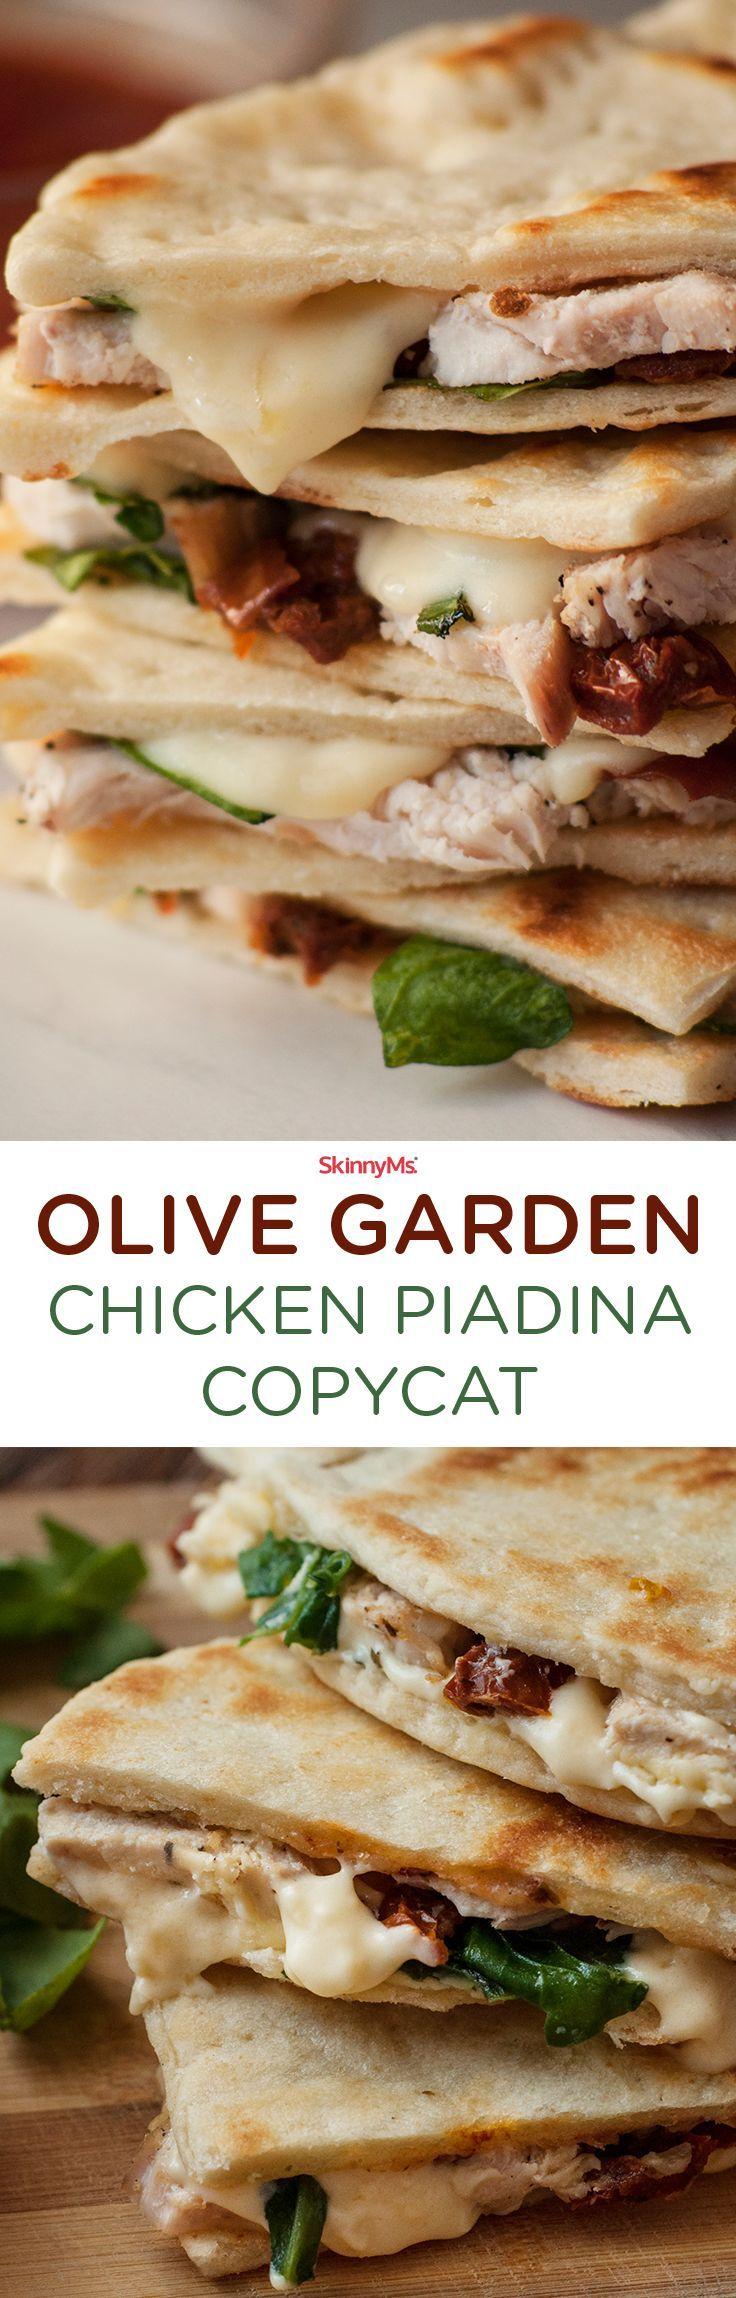 Olive Garden Chicken Piadina